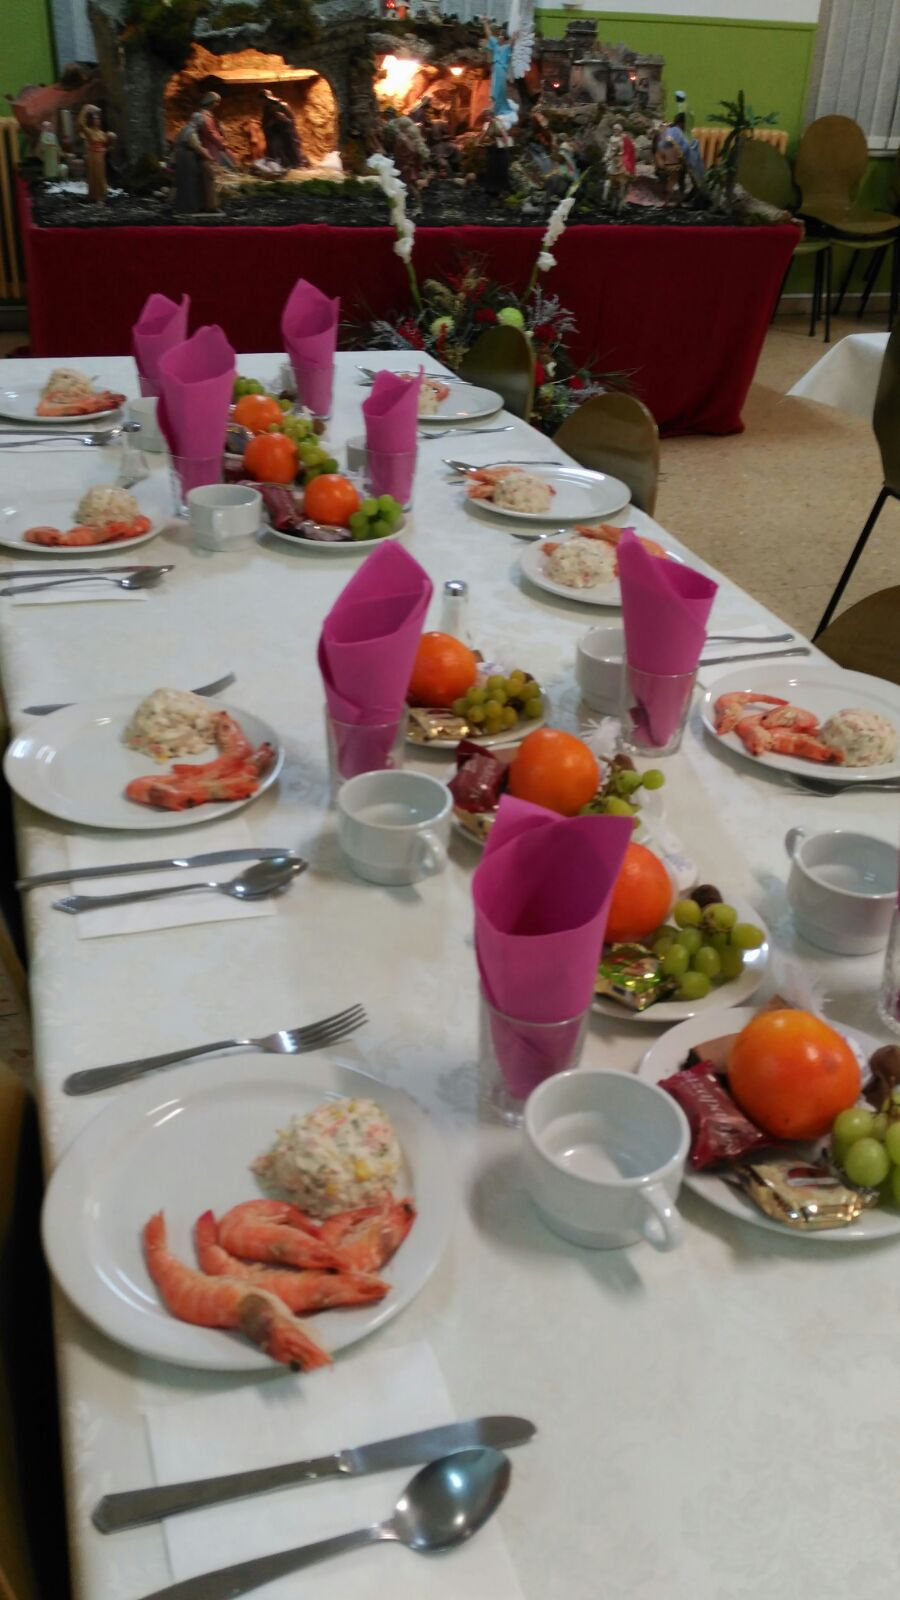 Cena de nochevieja y comida de a o nuevo cocina - Menu cena de nochevieja ...